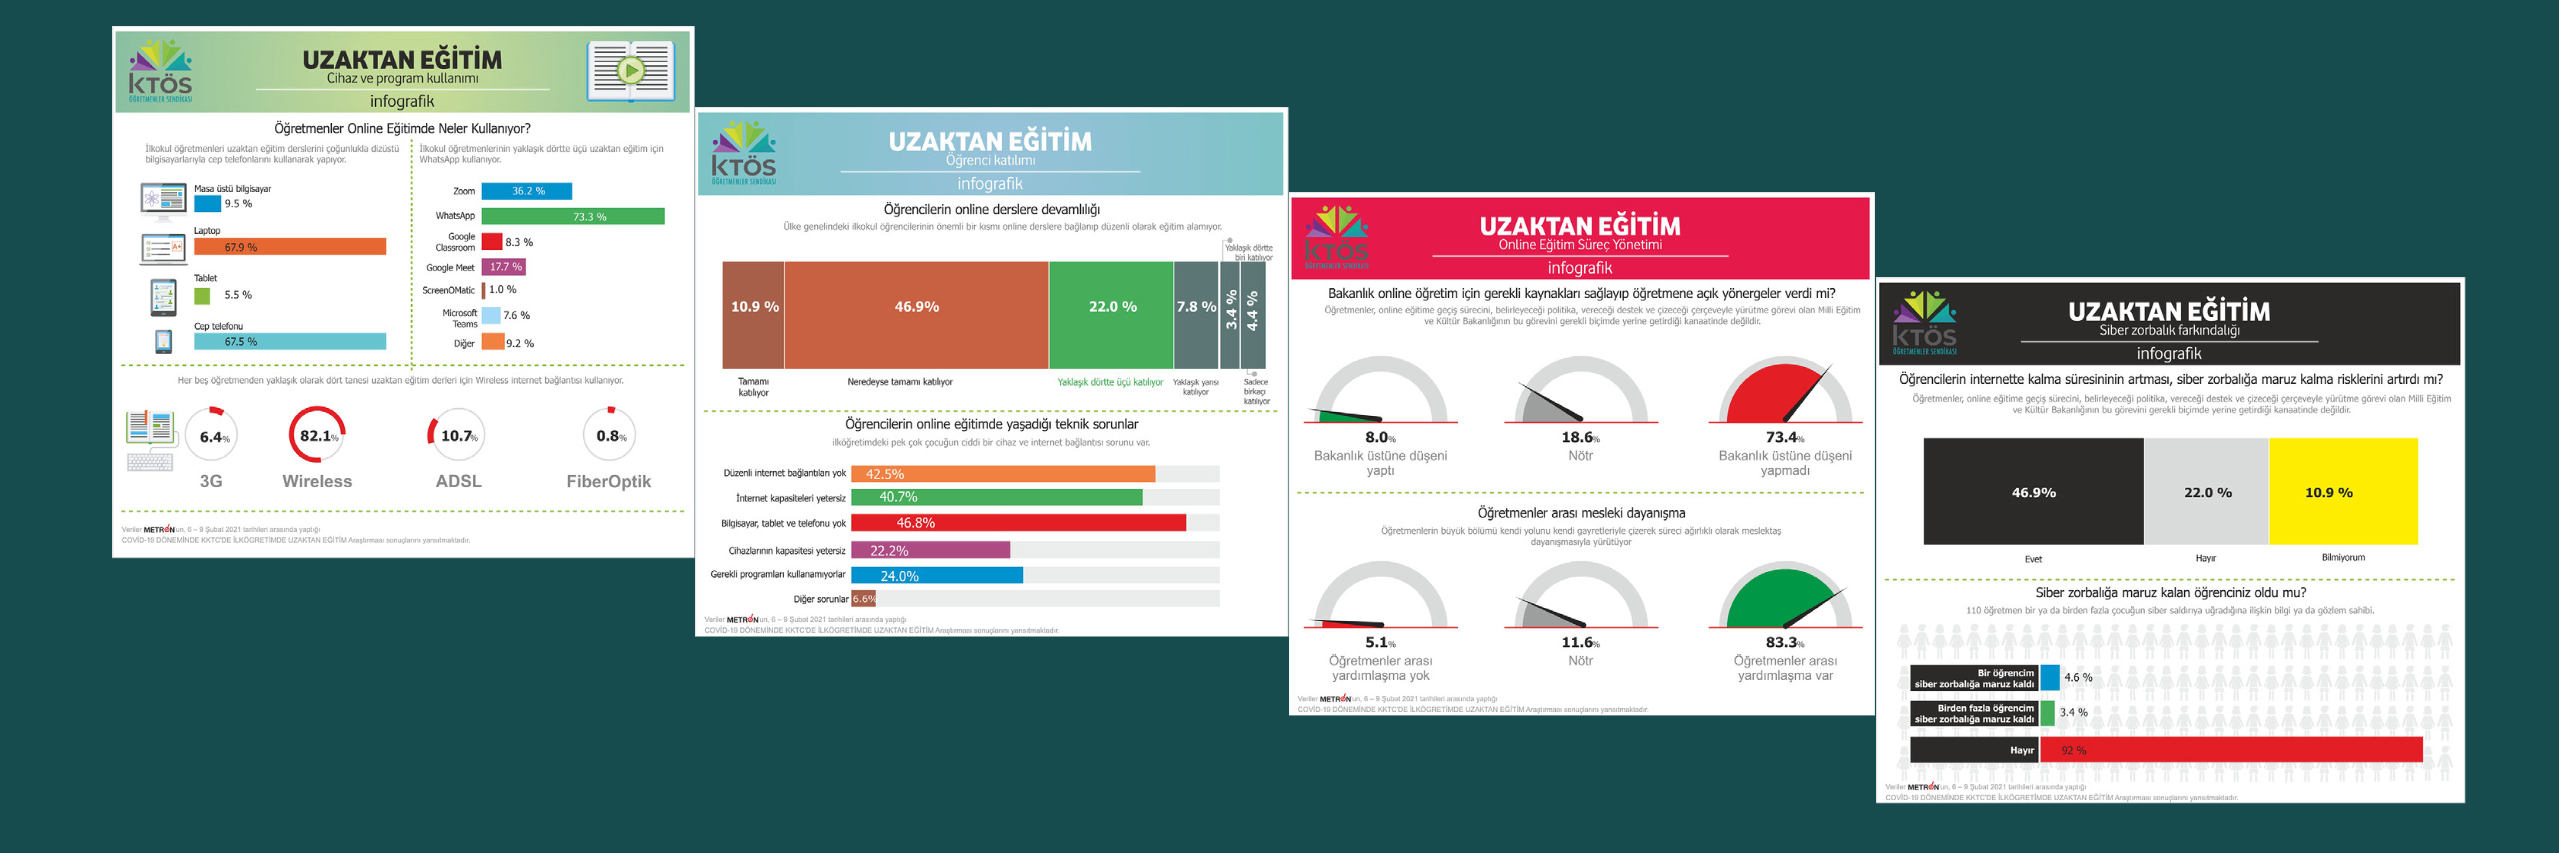 KTÖS – Metron Analytics işbirliği ile Uzaktan ve Çevrimiçi Eğitim Analizi